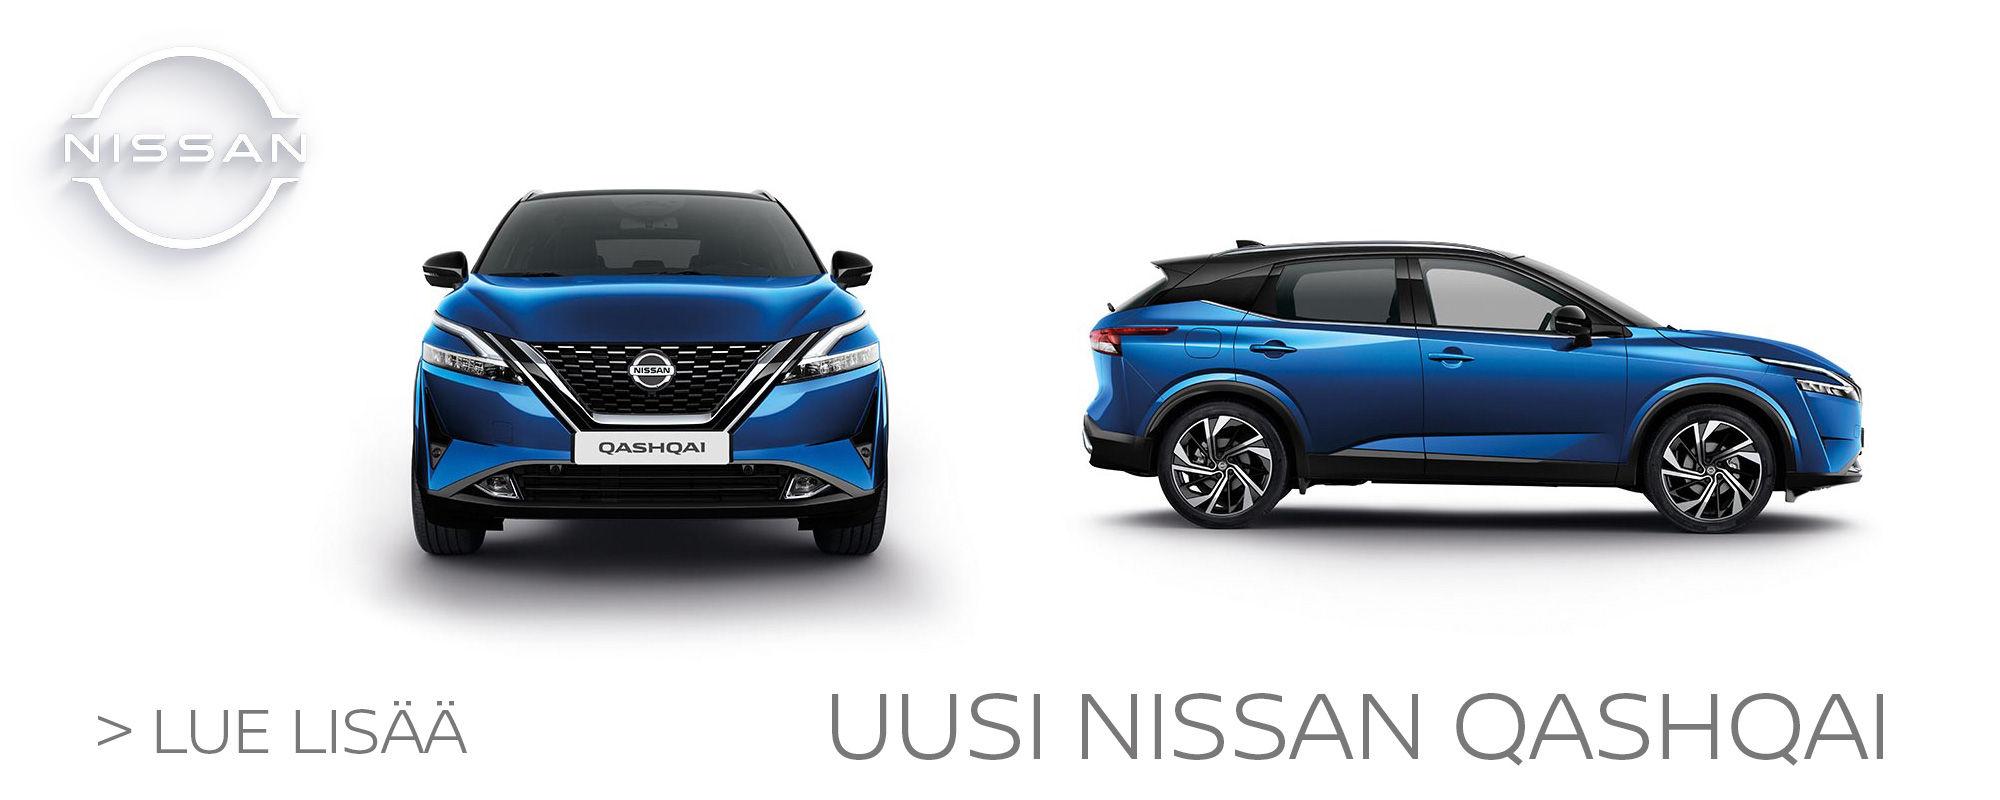 Nissan Qashqai huippueduin | Loimaan Laatuauto Oy